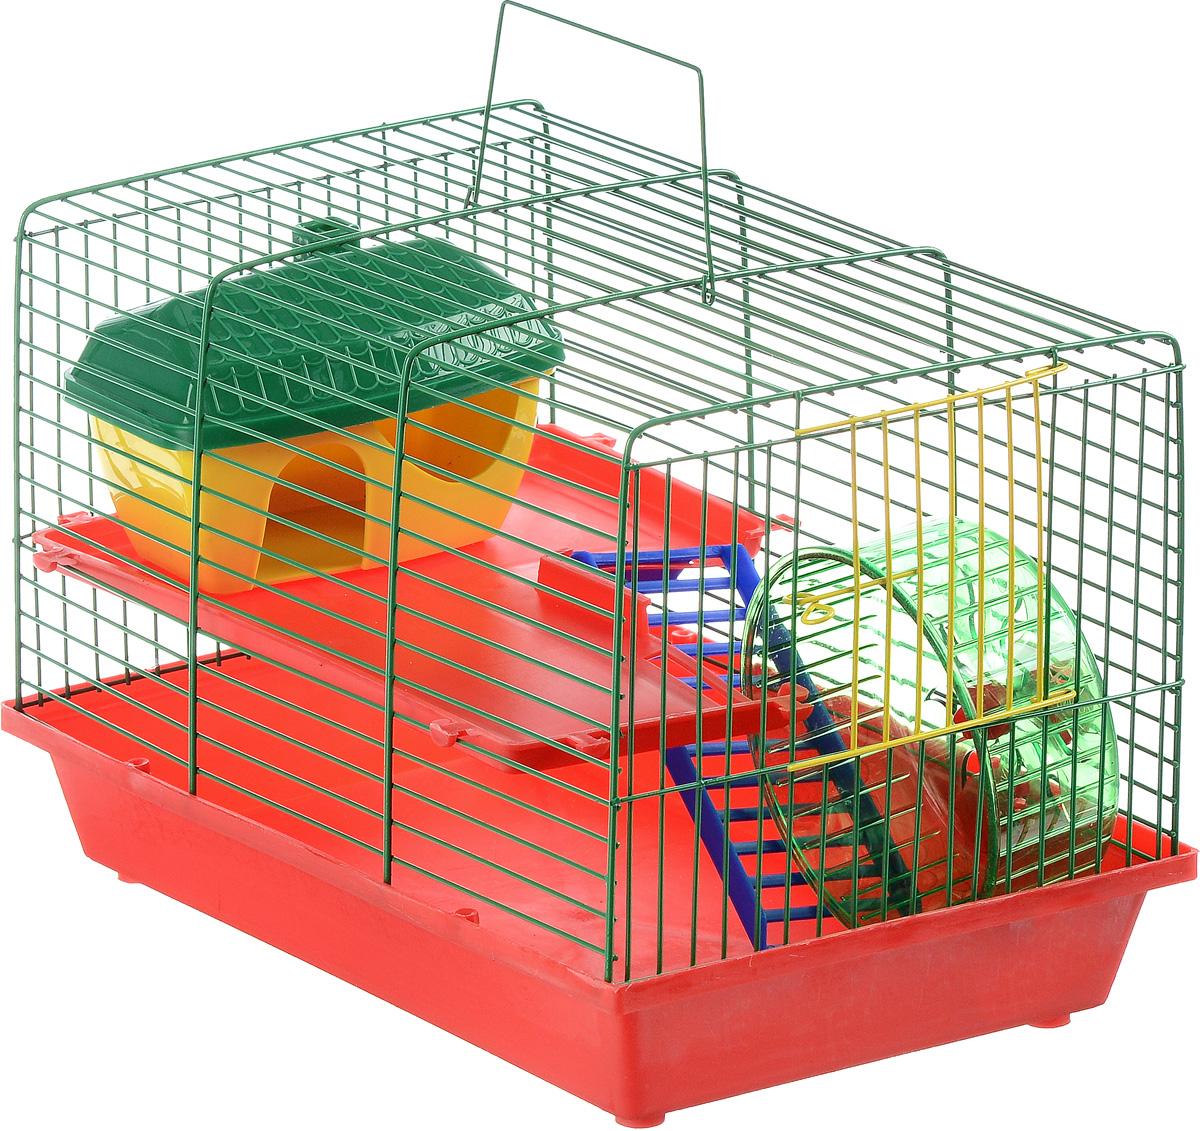 Клетка для грызунов ЗооМарк, 2-этажная, цвет: красный поддон, зеленая решетка, красные этажи, 36 х 23 х 24 смВТсКлетка ЗооМарк, выполненная из полипропилена и металла, подходит для мелких грызунов. Изделие двухэтажное, оборудовано лестницей, колесом для подвижных игр и пластиковым домиком. Клетка имеет яркий поддон, удобна в использовании и легко чистится. Сверху имеется ручка для переноски. Такая клетка станет уединенным личным пространством и уютным домиком для маленького грызуна.